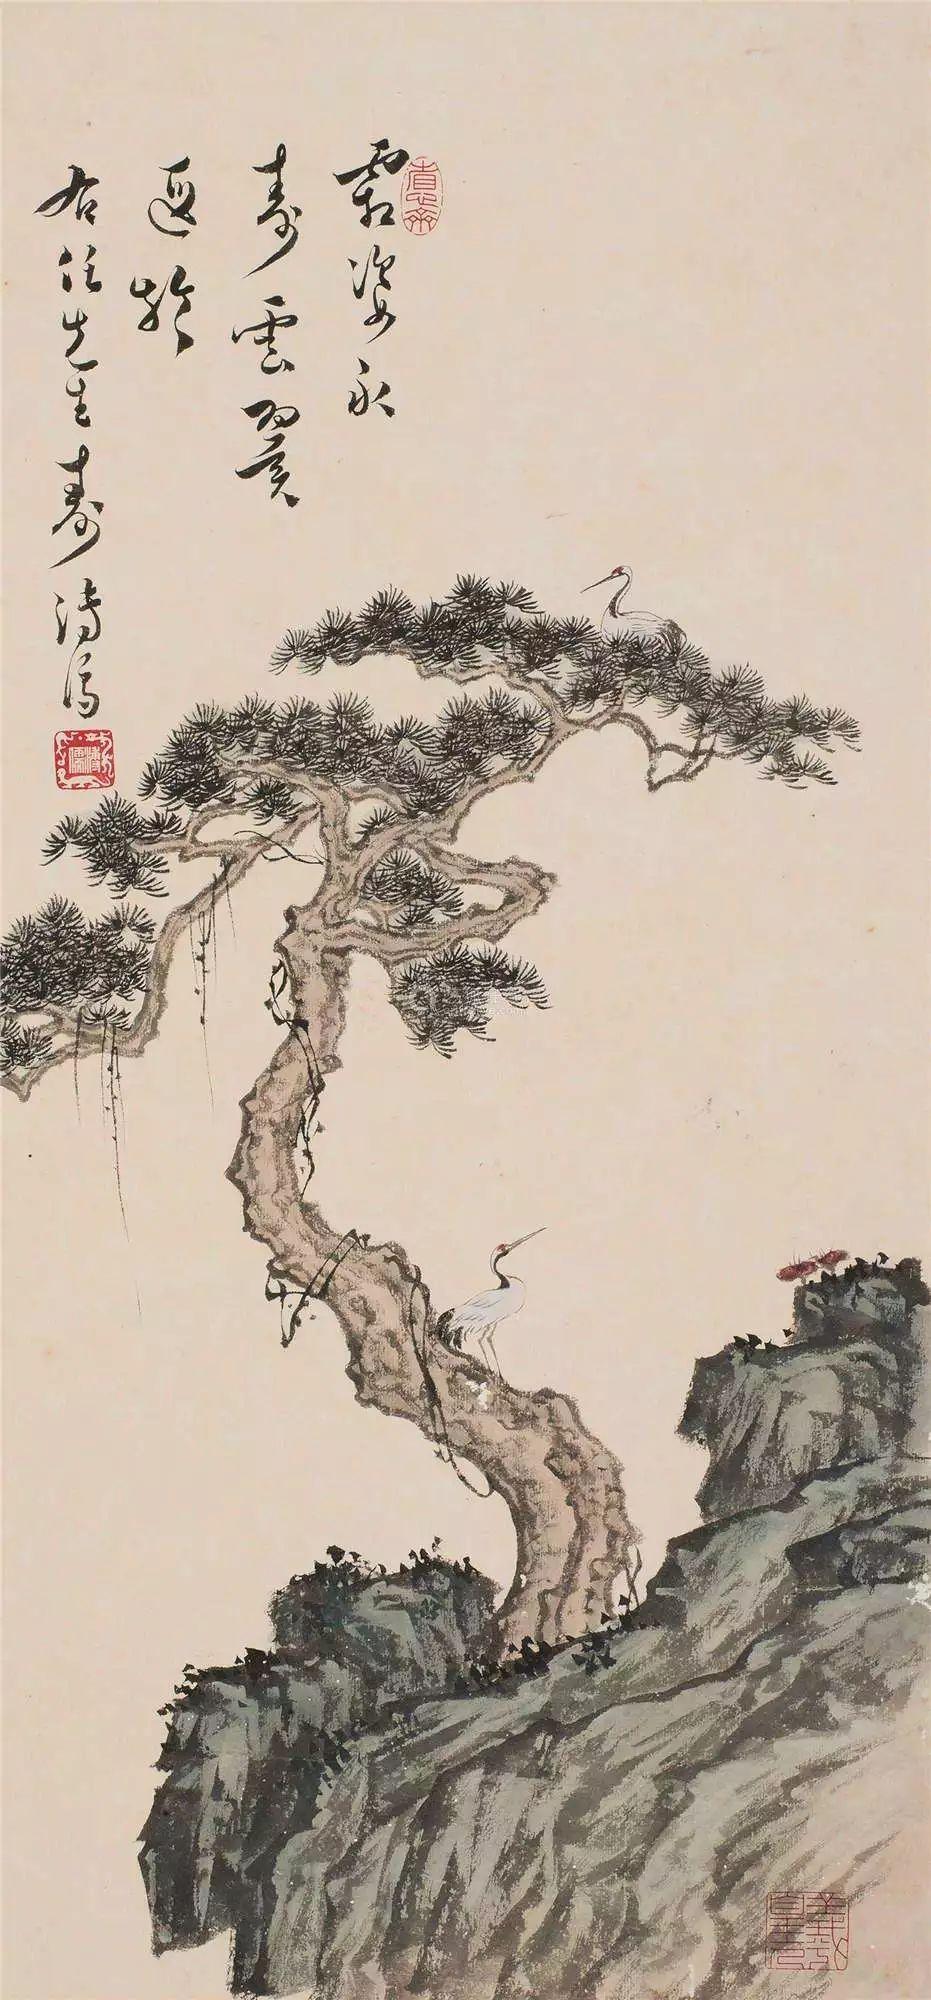 修身诗课 青松树杪千年鹤 白玉壶中一片冰